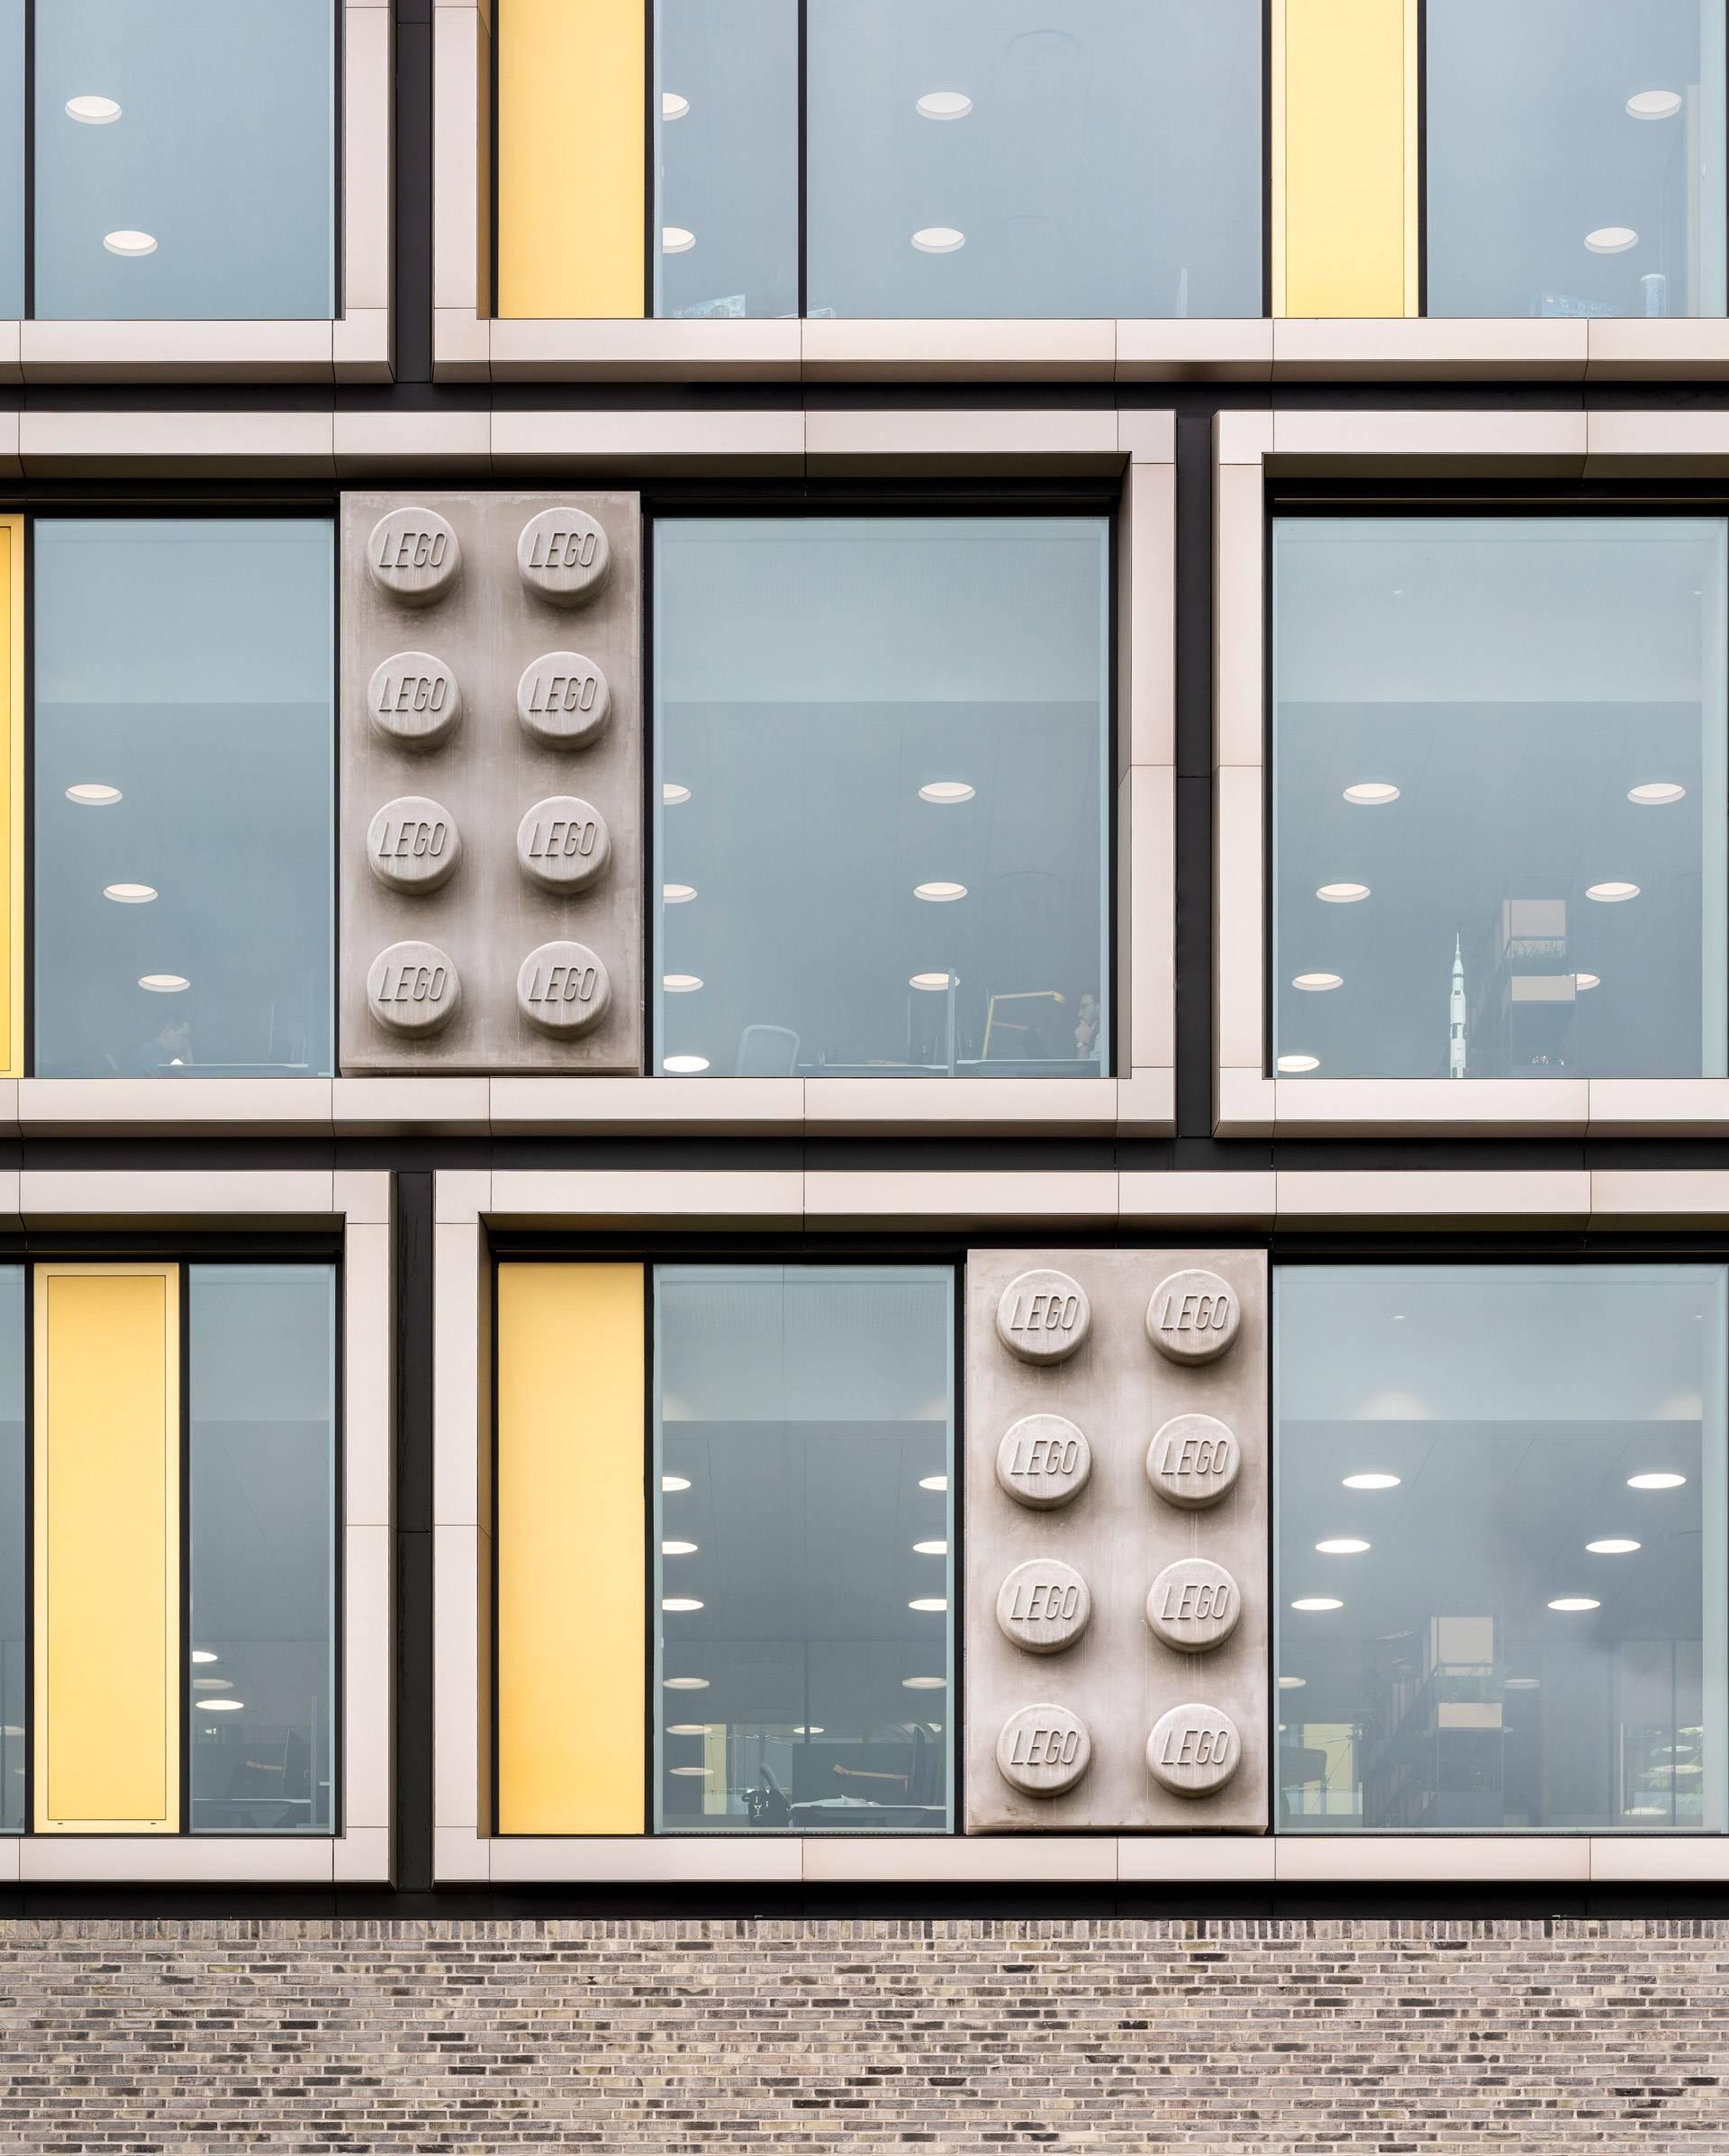 Legići oko nas: Lego blokovima sagradili su poslovne zgrade